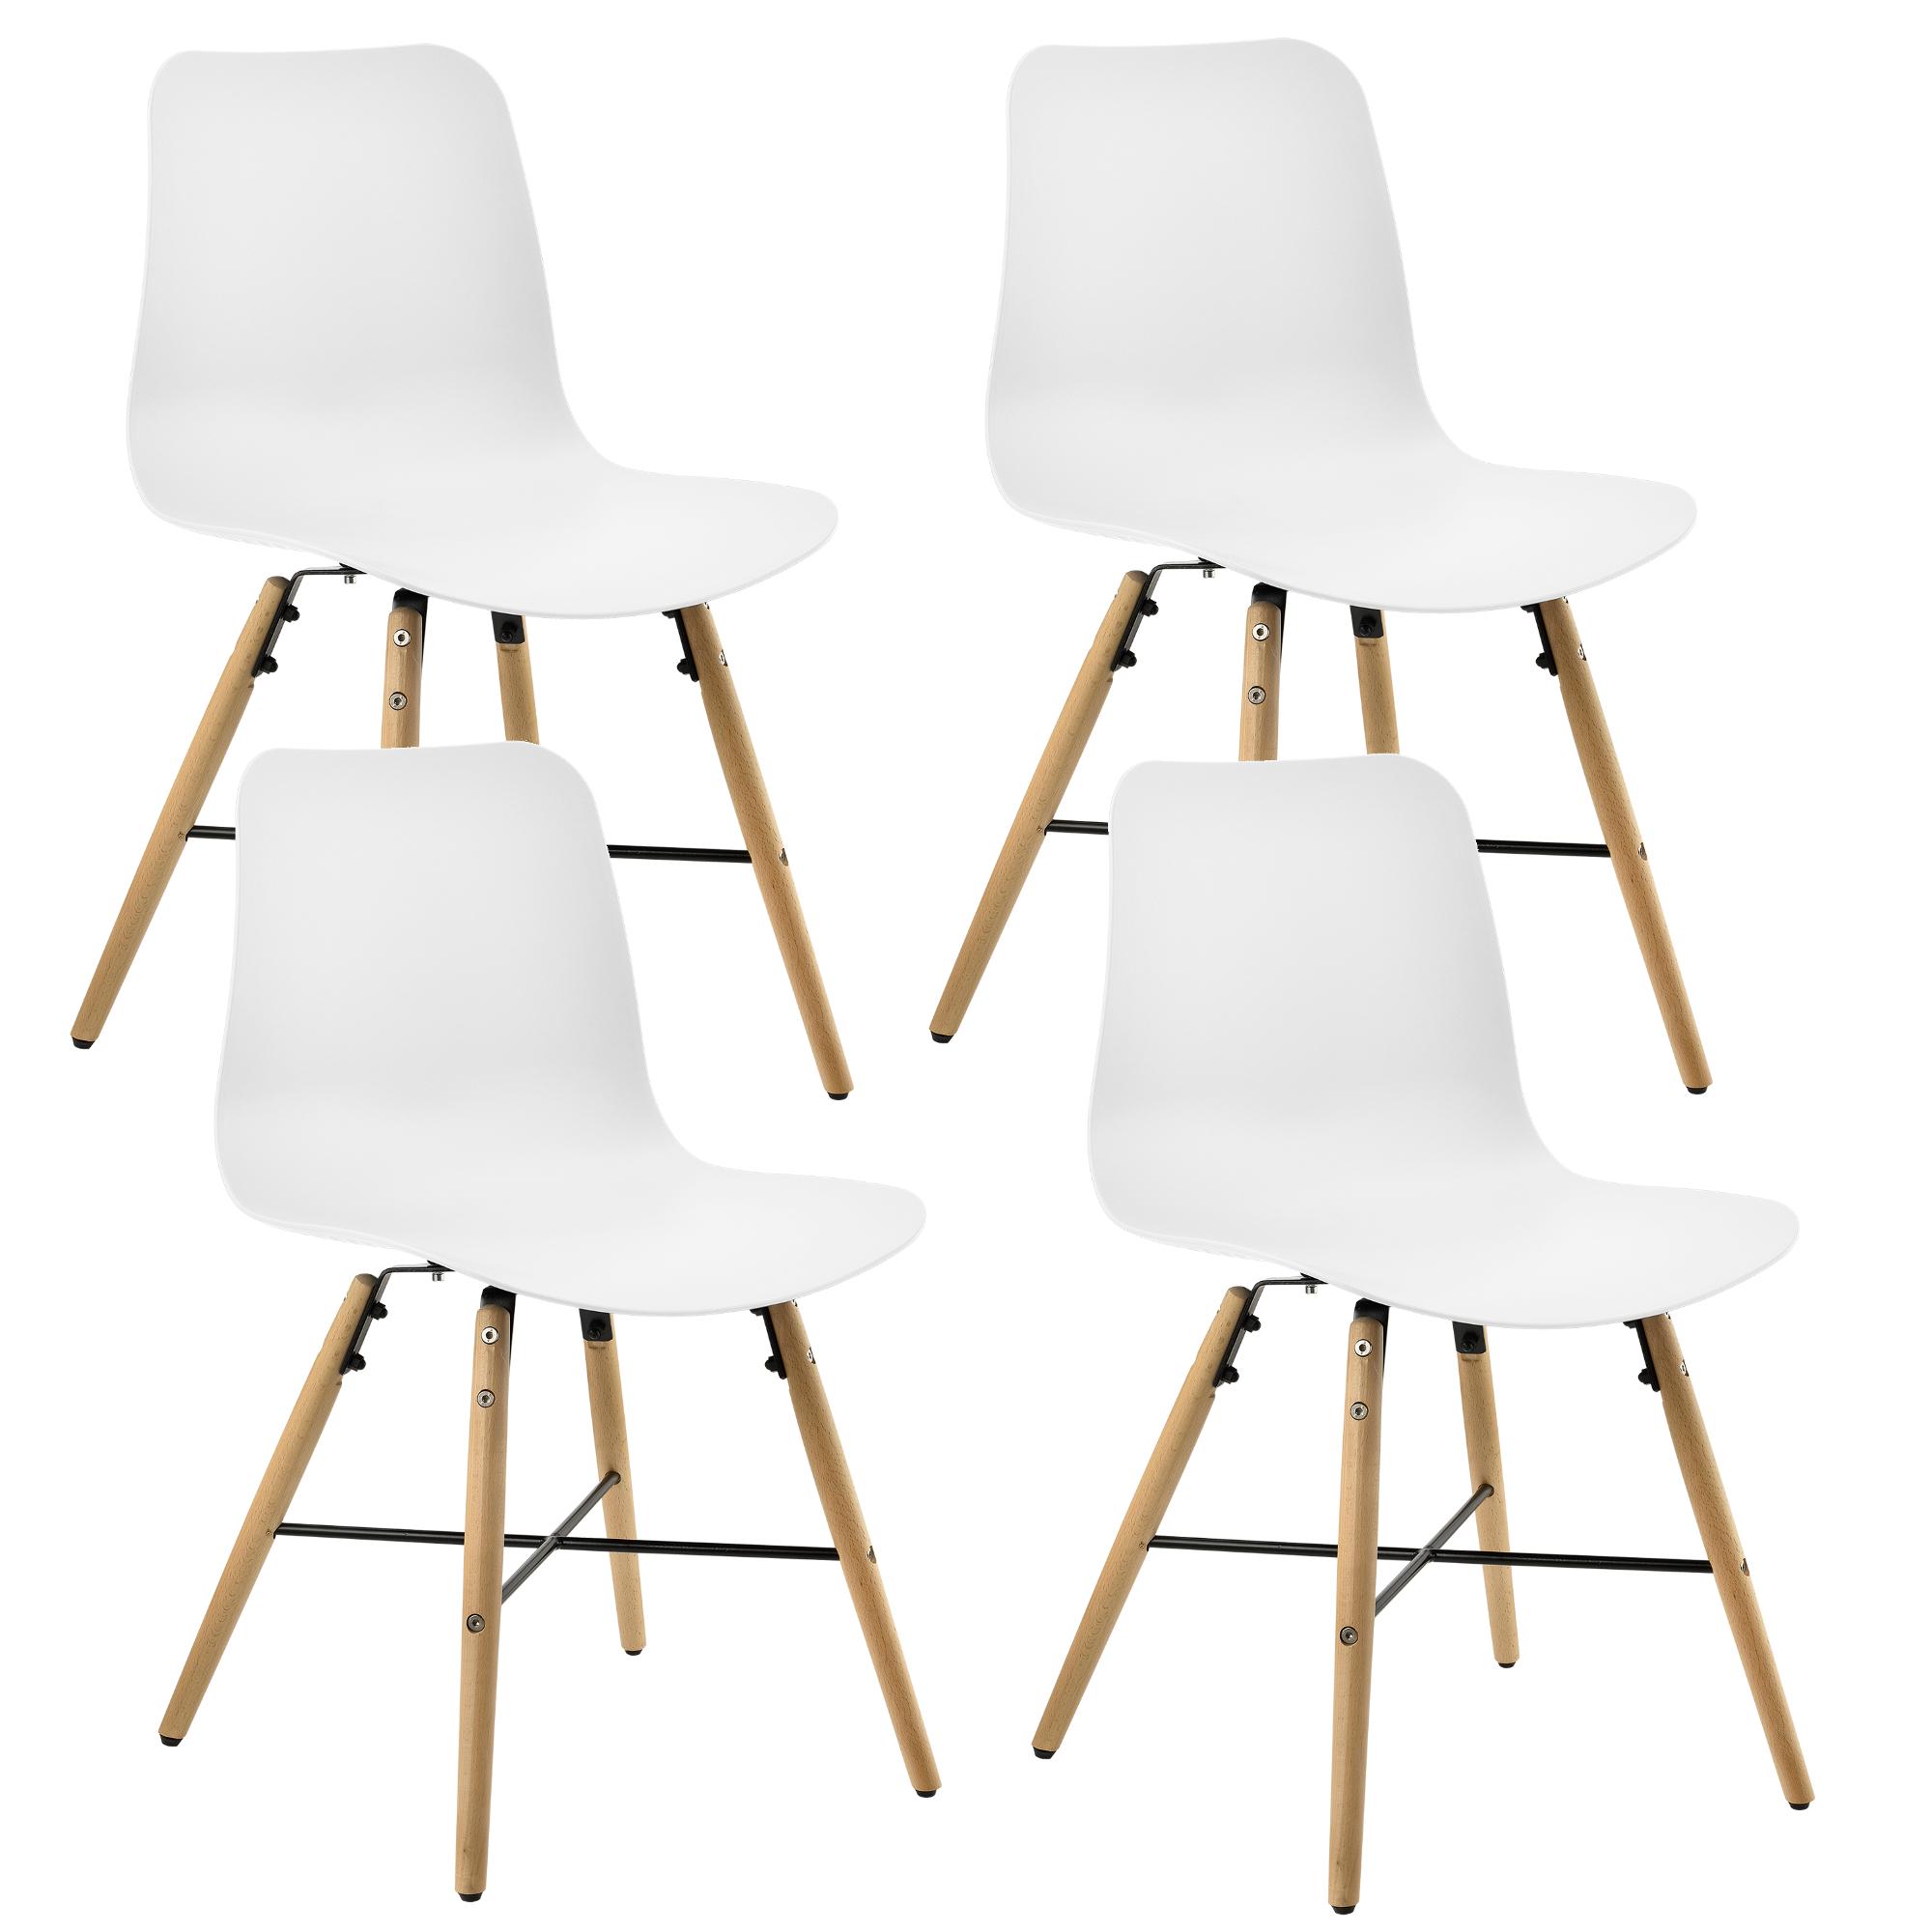 esstisch mit 4 st hlen wei 120x80cm k chentisch st hle mit muster ebay. Black Bedroom Furniture Sets. Home Design Ideas